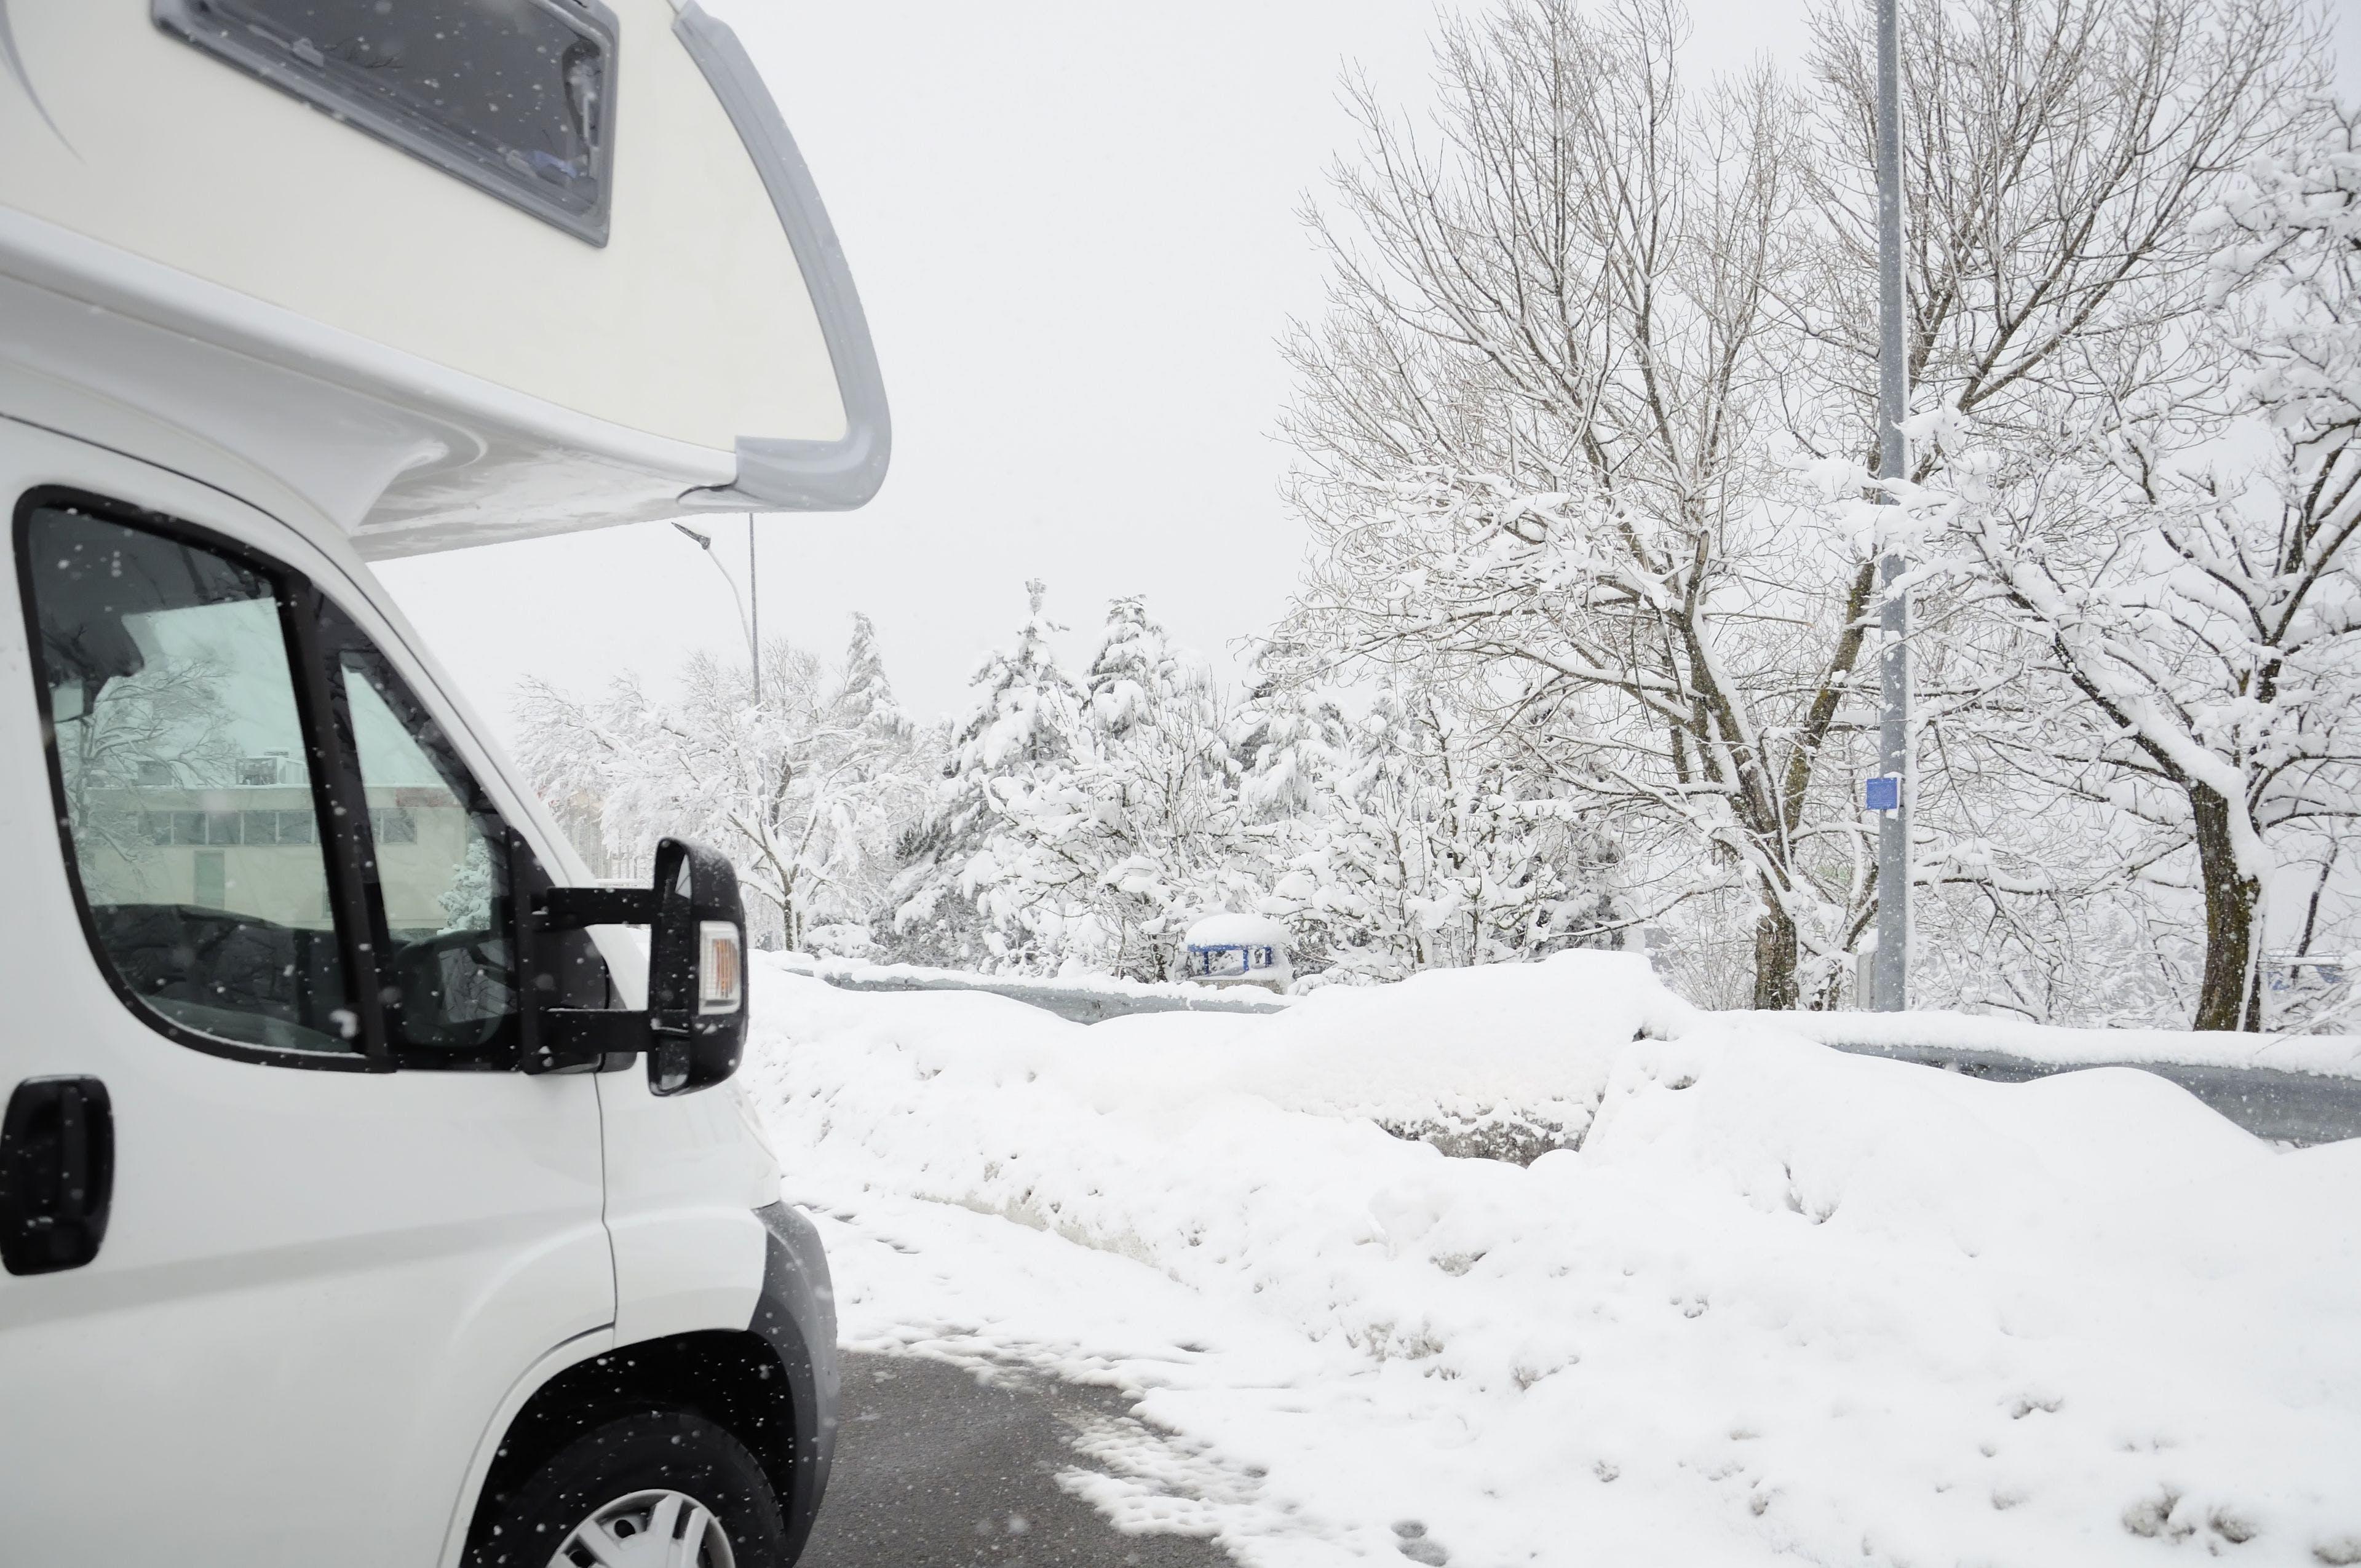 Información sobre el país de Campercontact - Autocaravana en la nieve